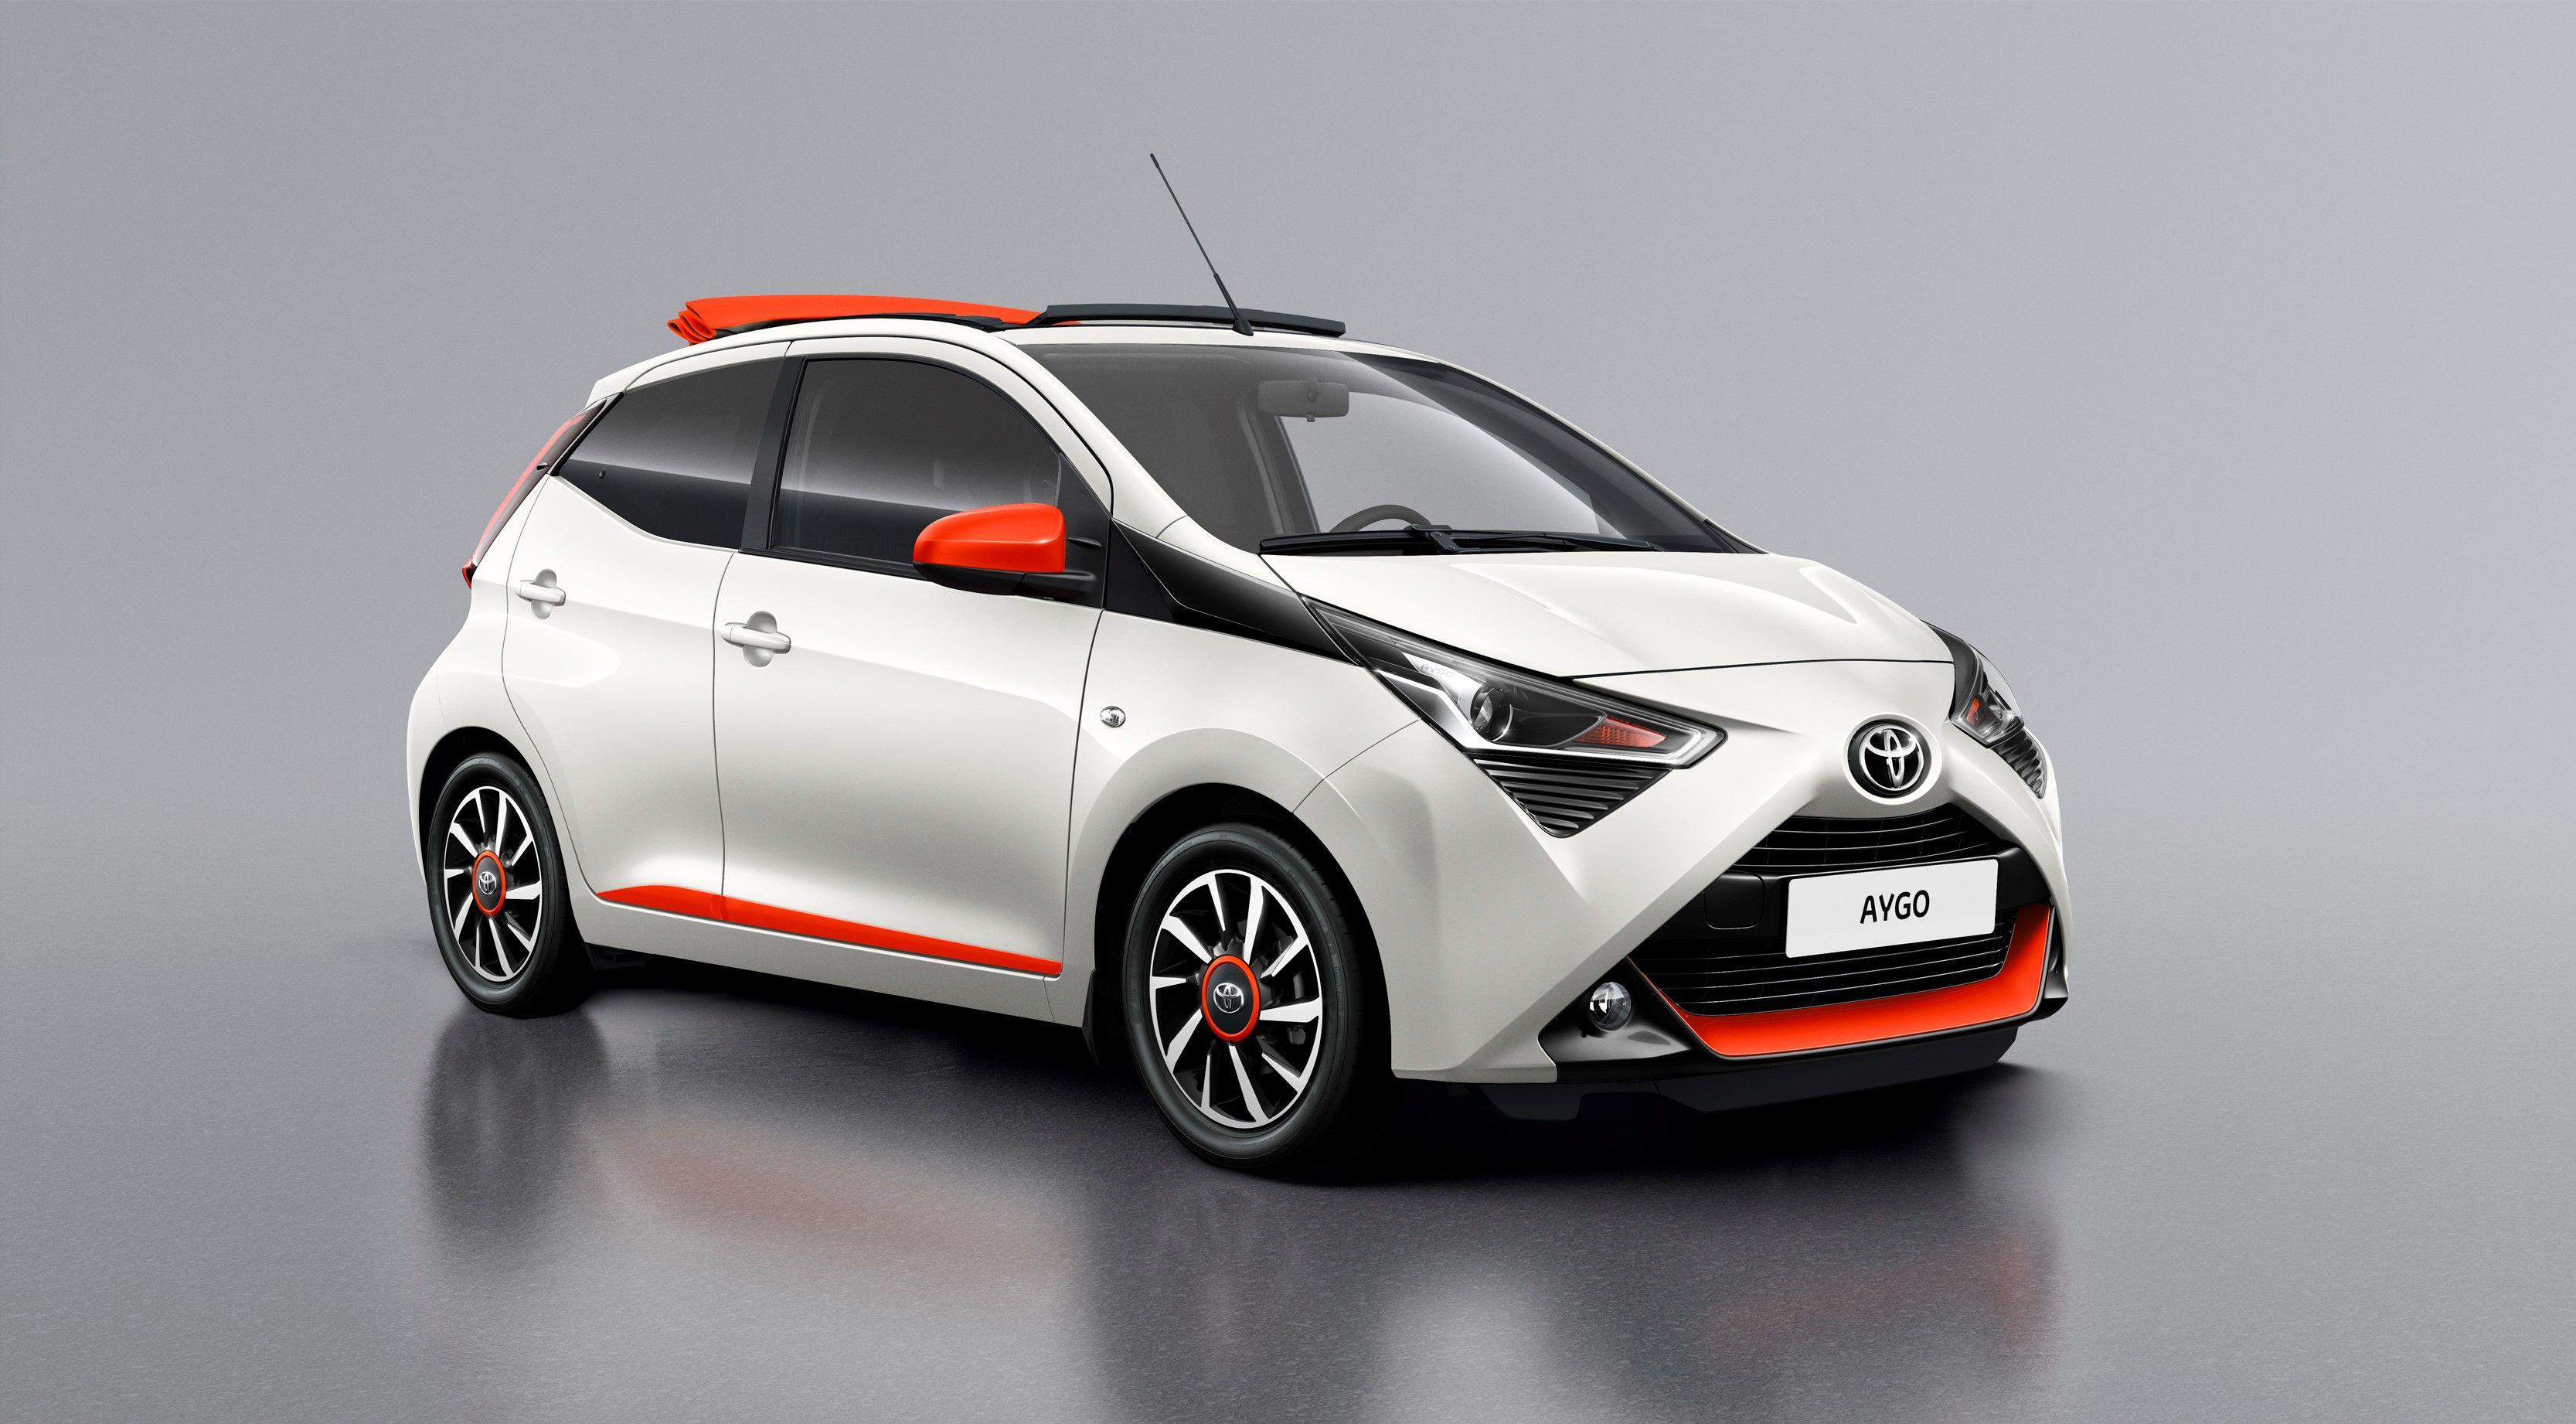 Toyota aygo a ginevra le versioni speciali wave orange e cite